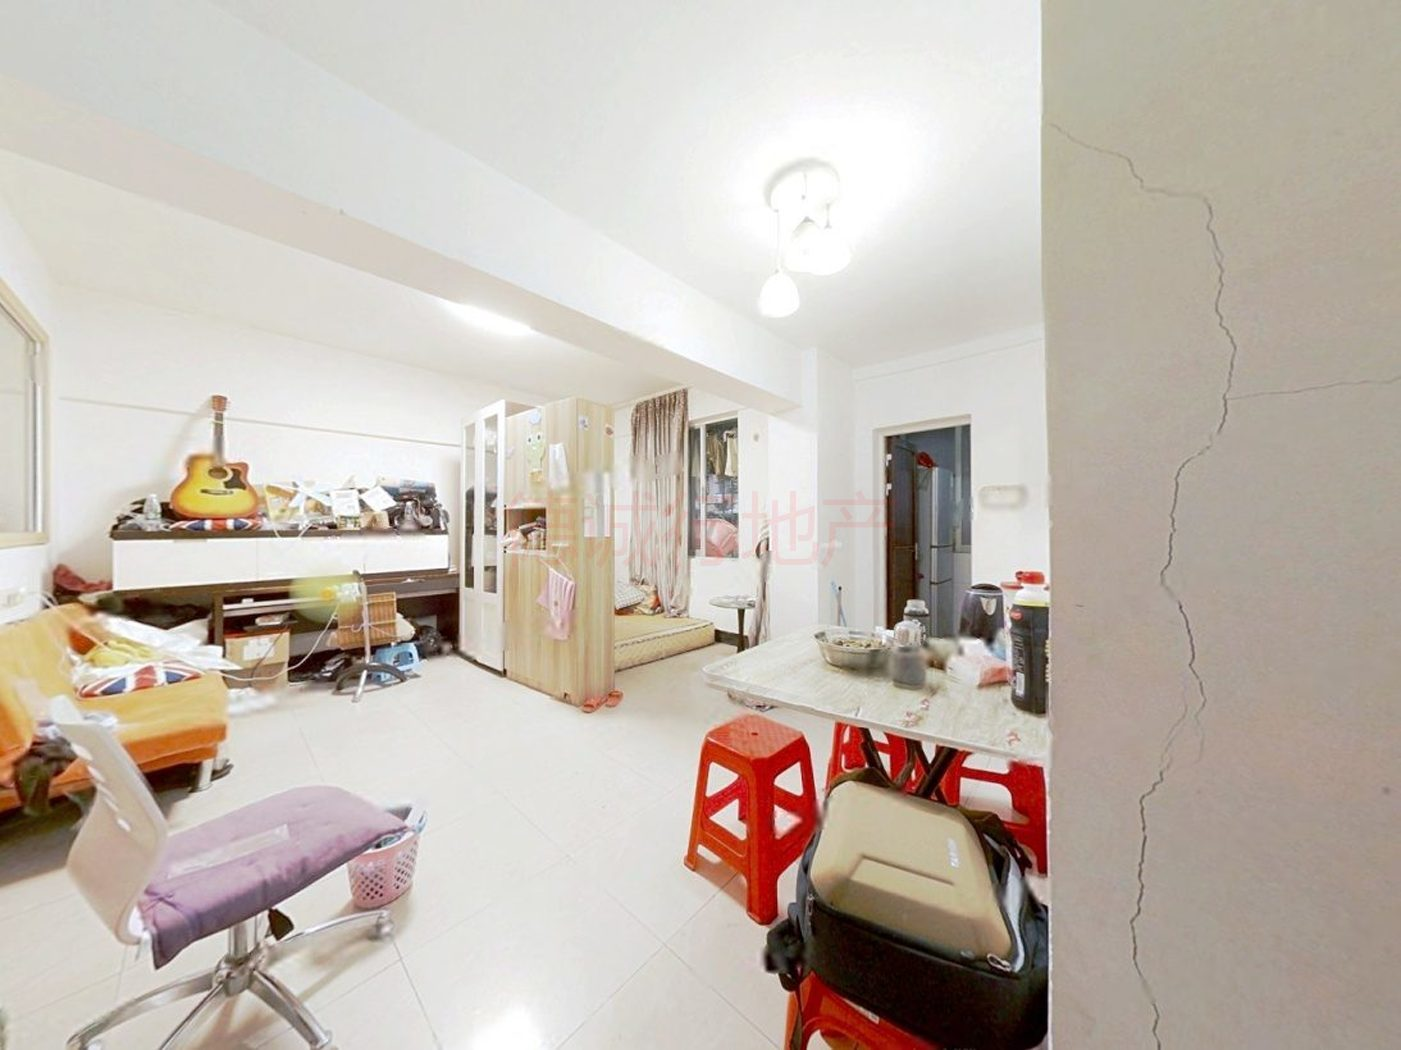 先烈东横路36号大院2室1厅1卫仅210万元